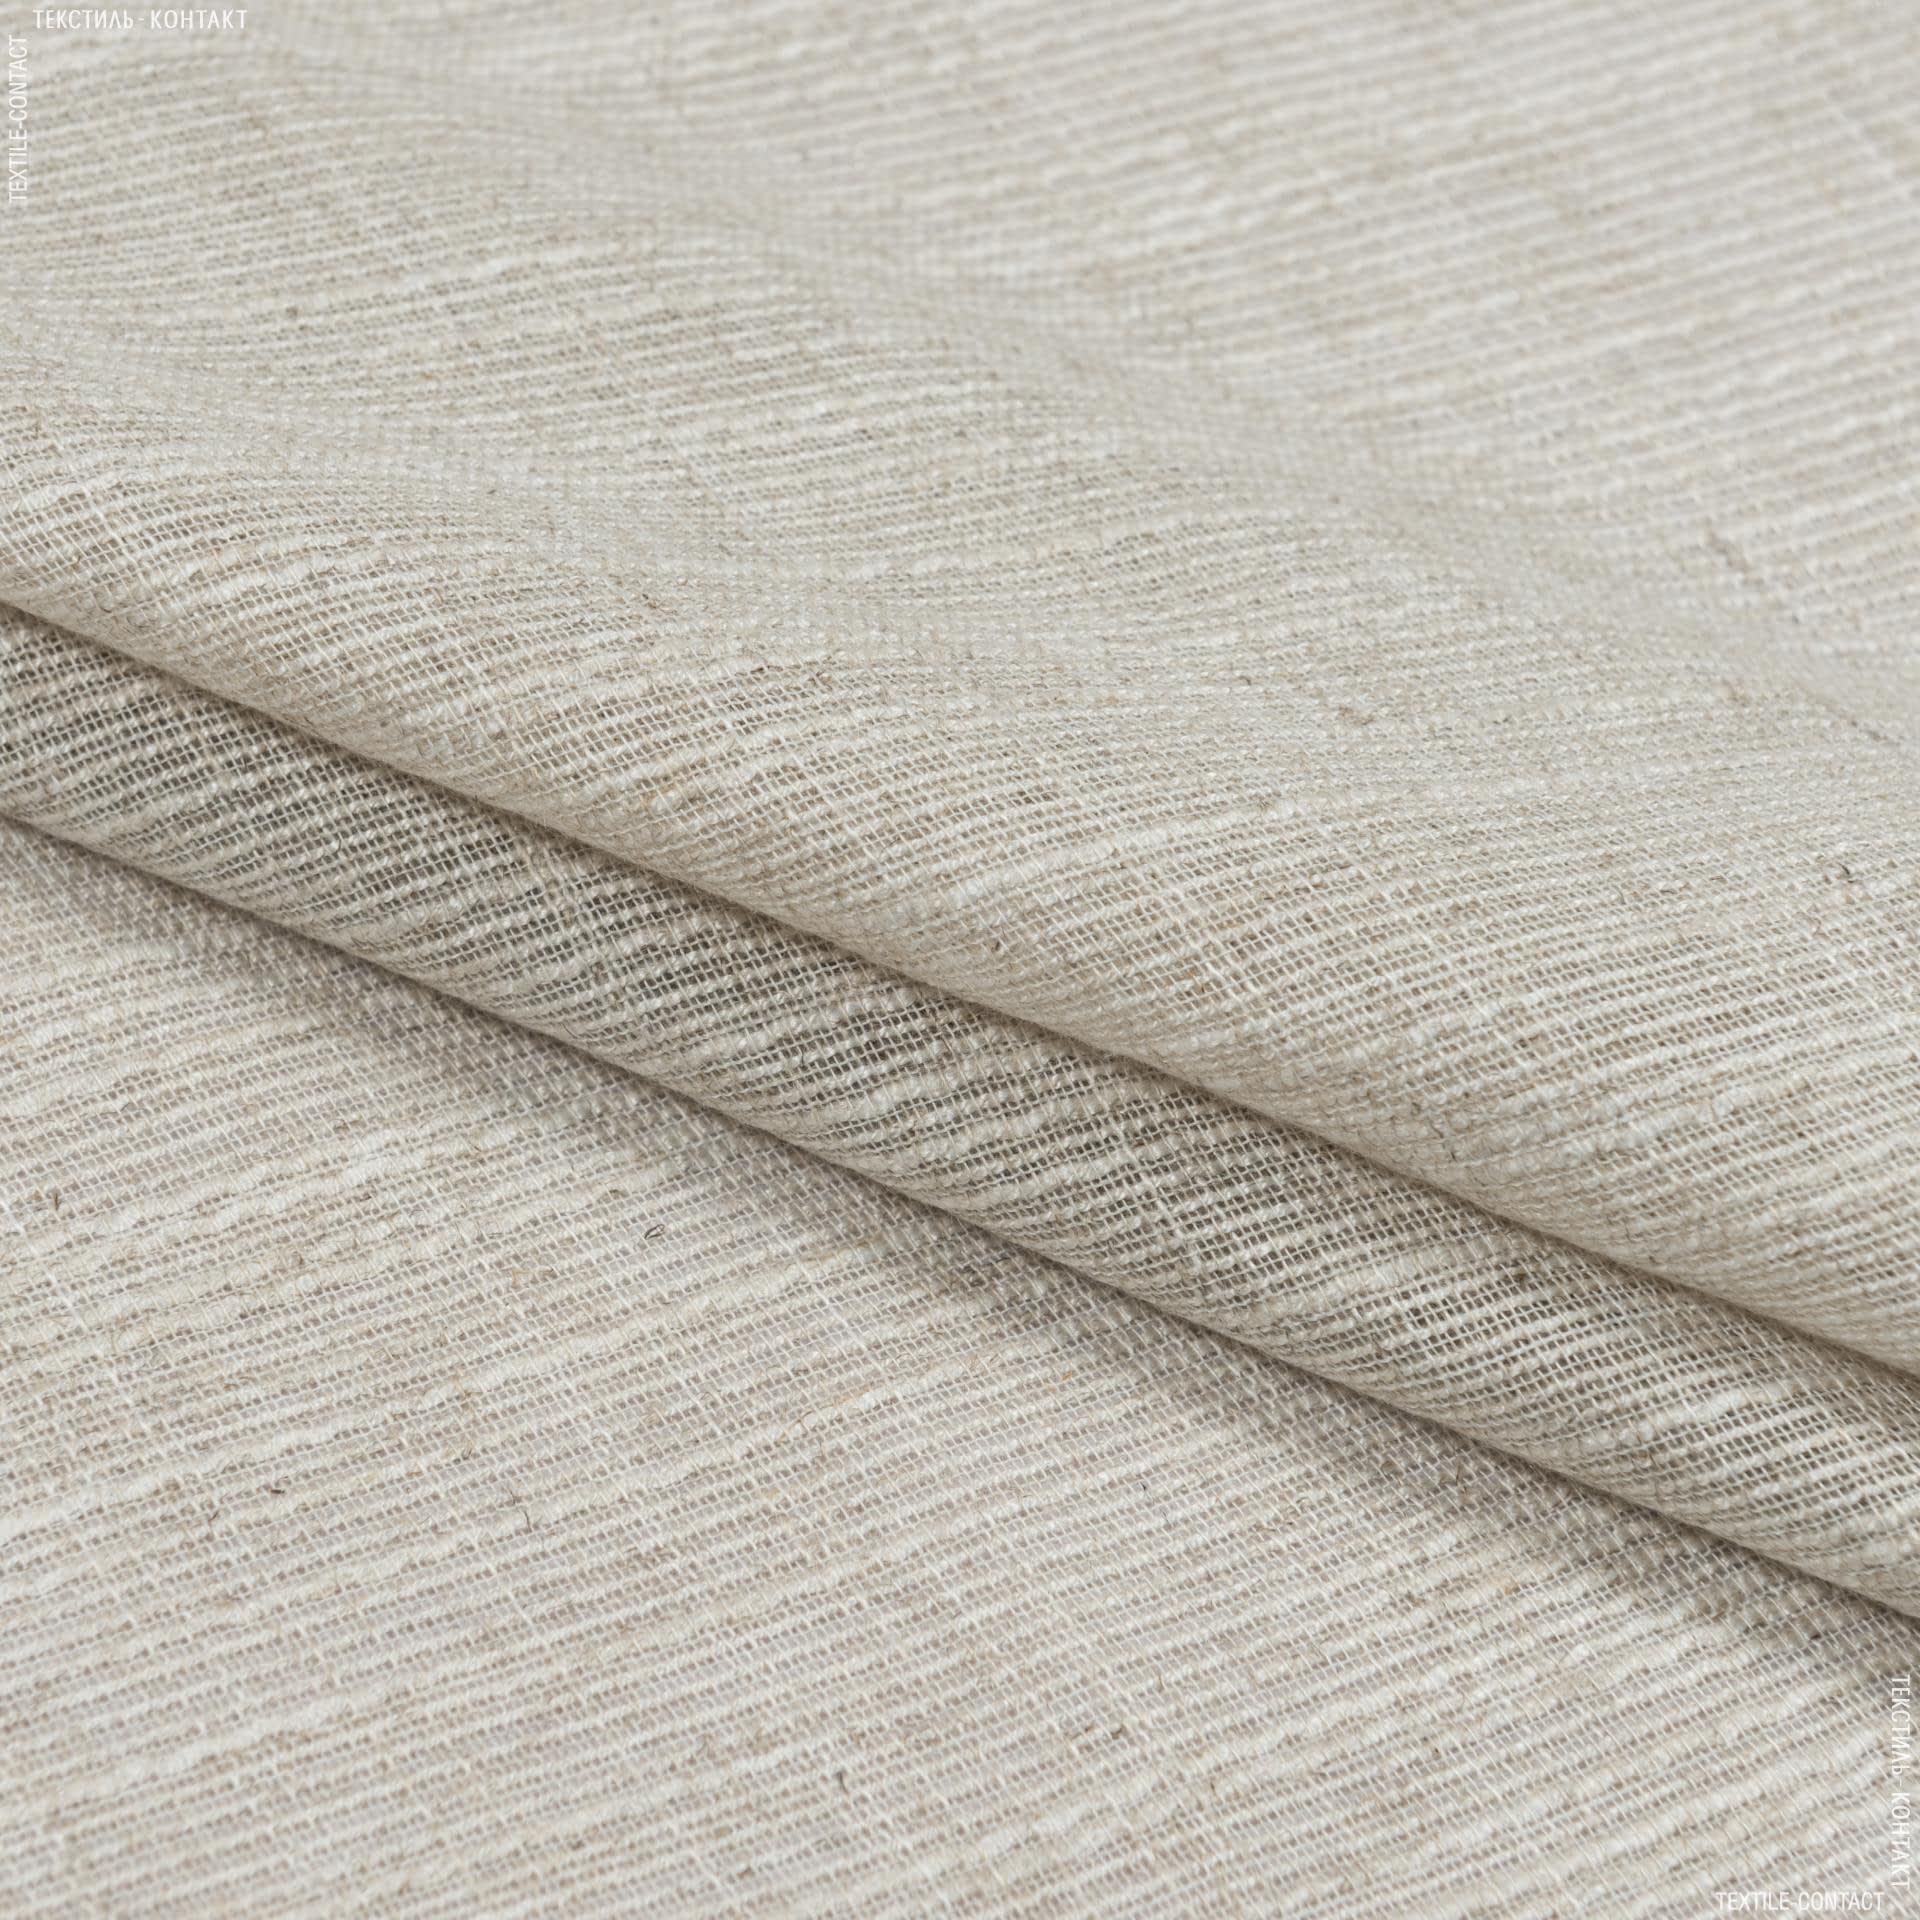 Тканини для тюлі - Тюль рогожка грау беж